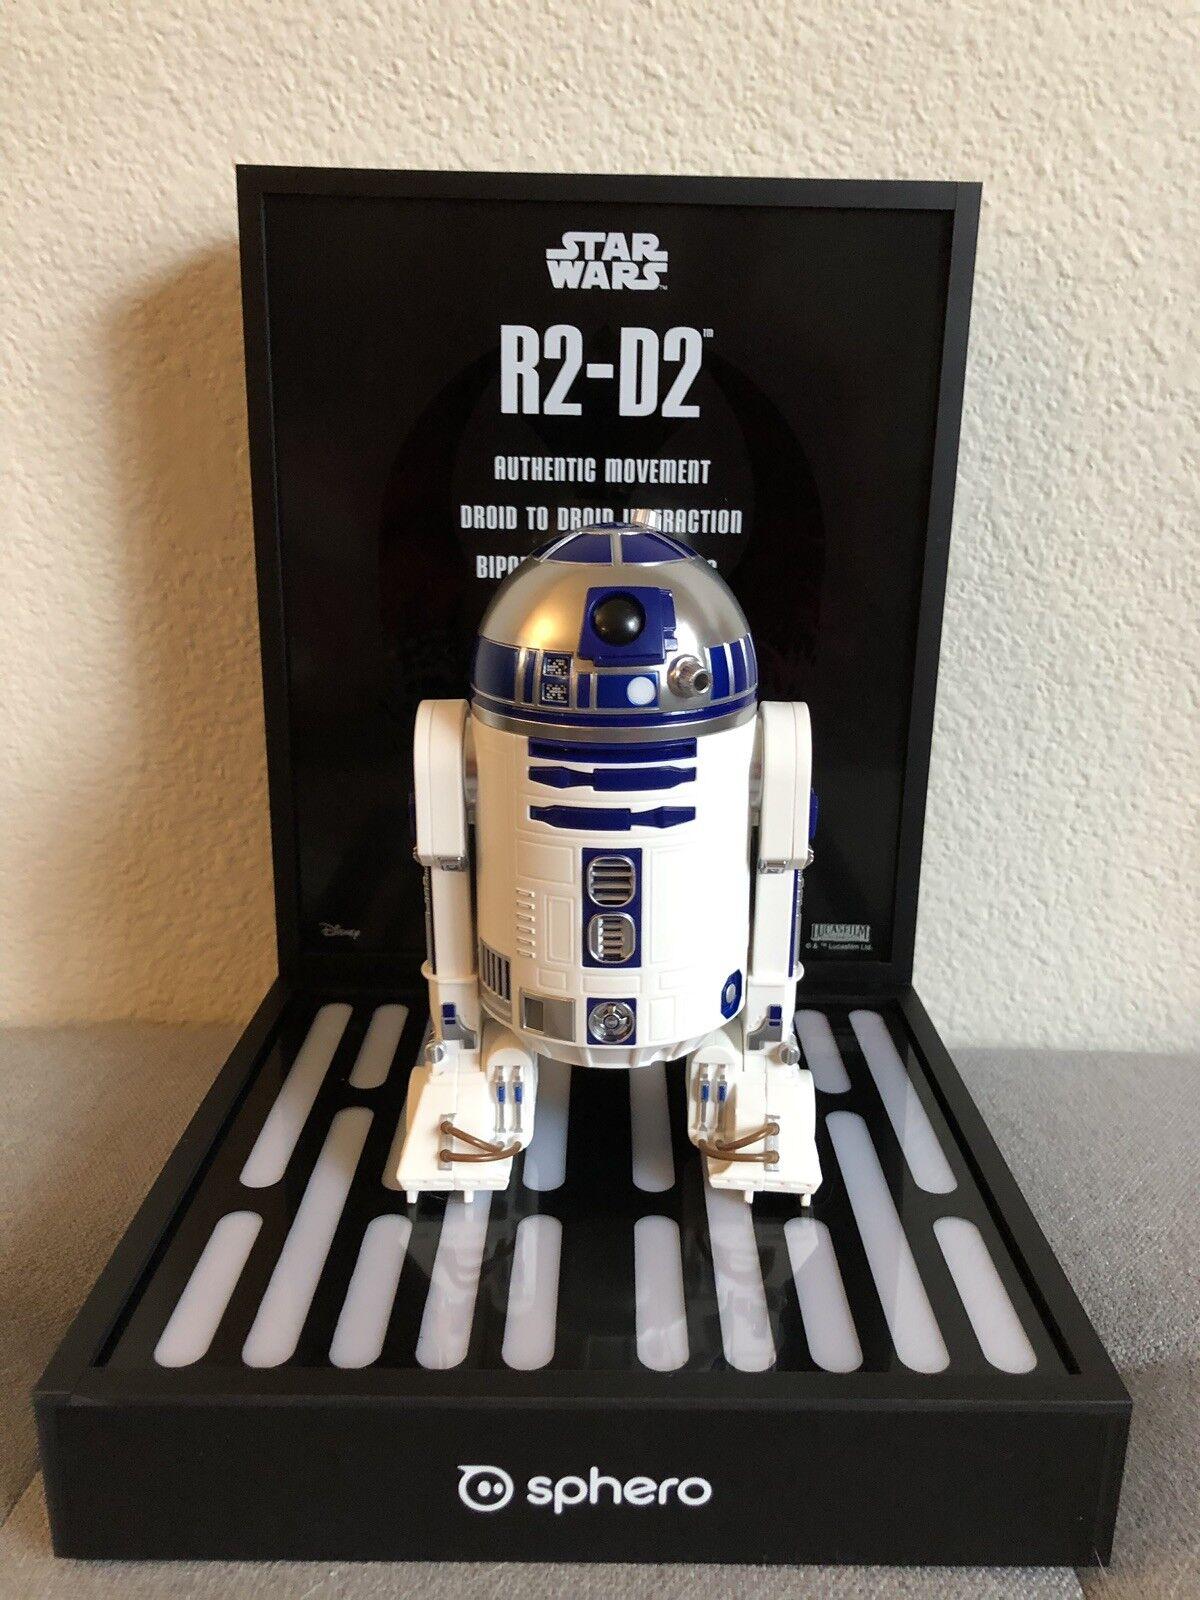 Star wars sphero droiden r2 - d2 spielzeugladen zeigt r2d2 selten